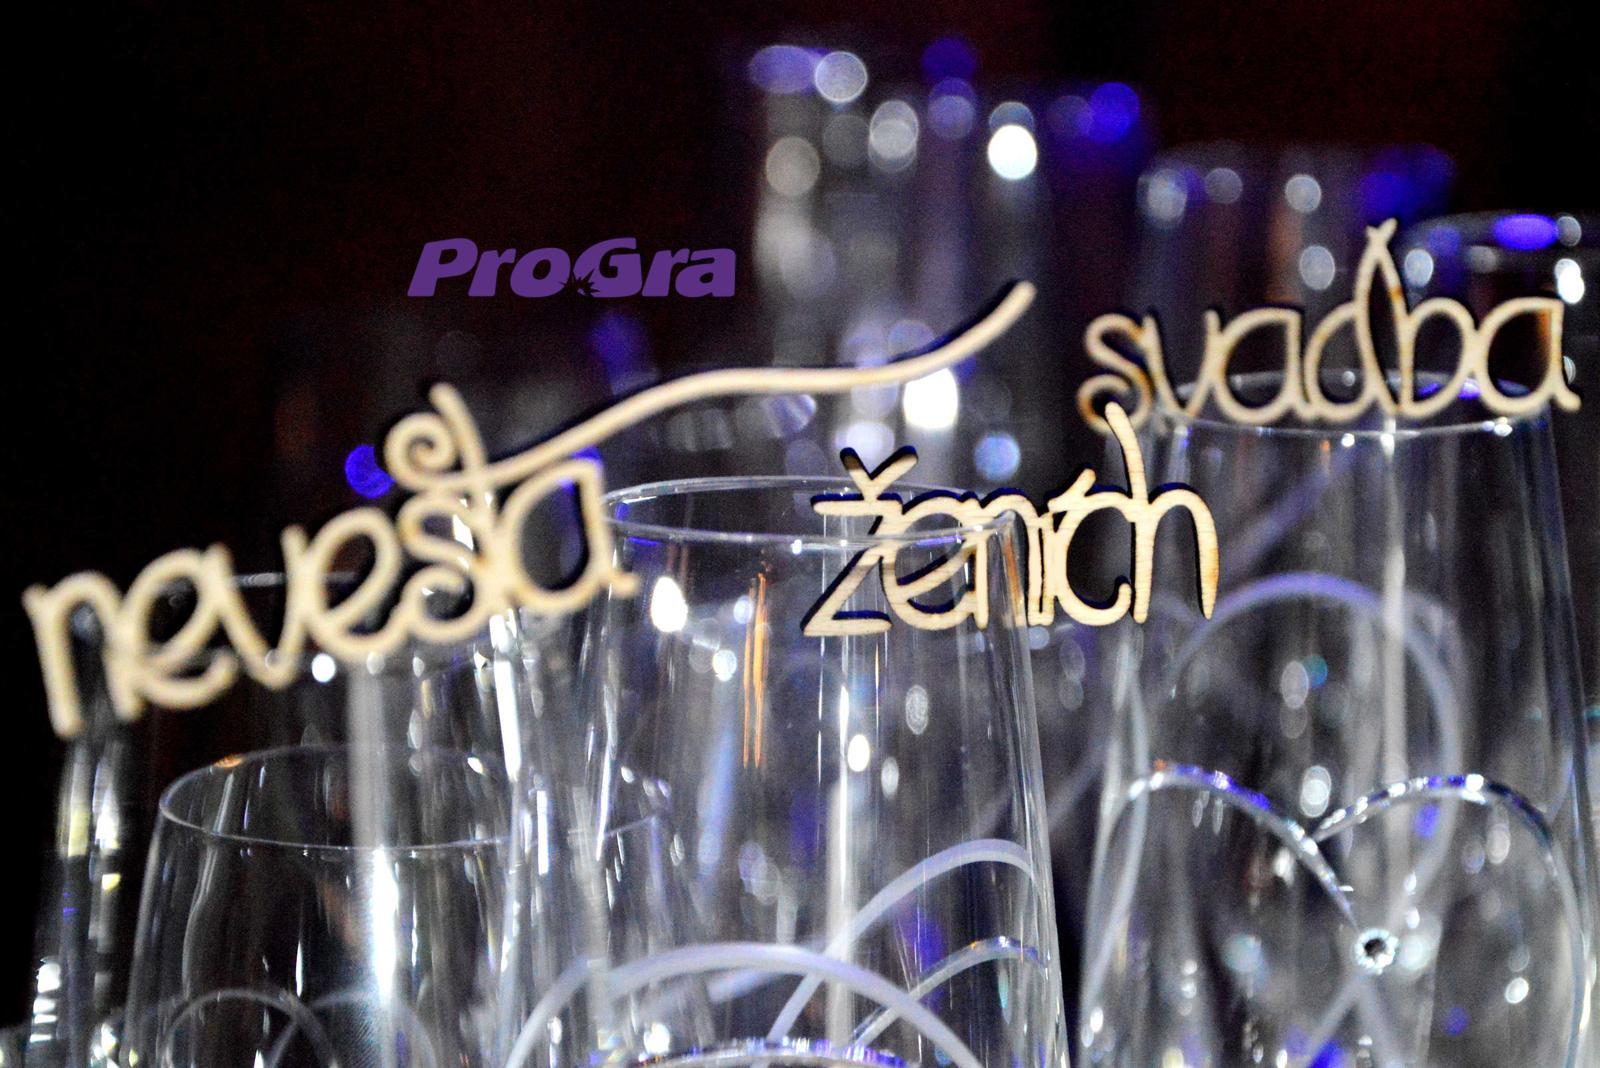 Svatební skleničky - Nápisky - MINI - sada 3ks (ženich, nevěsta, svatba)